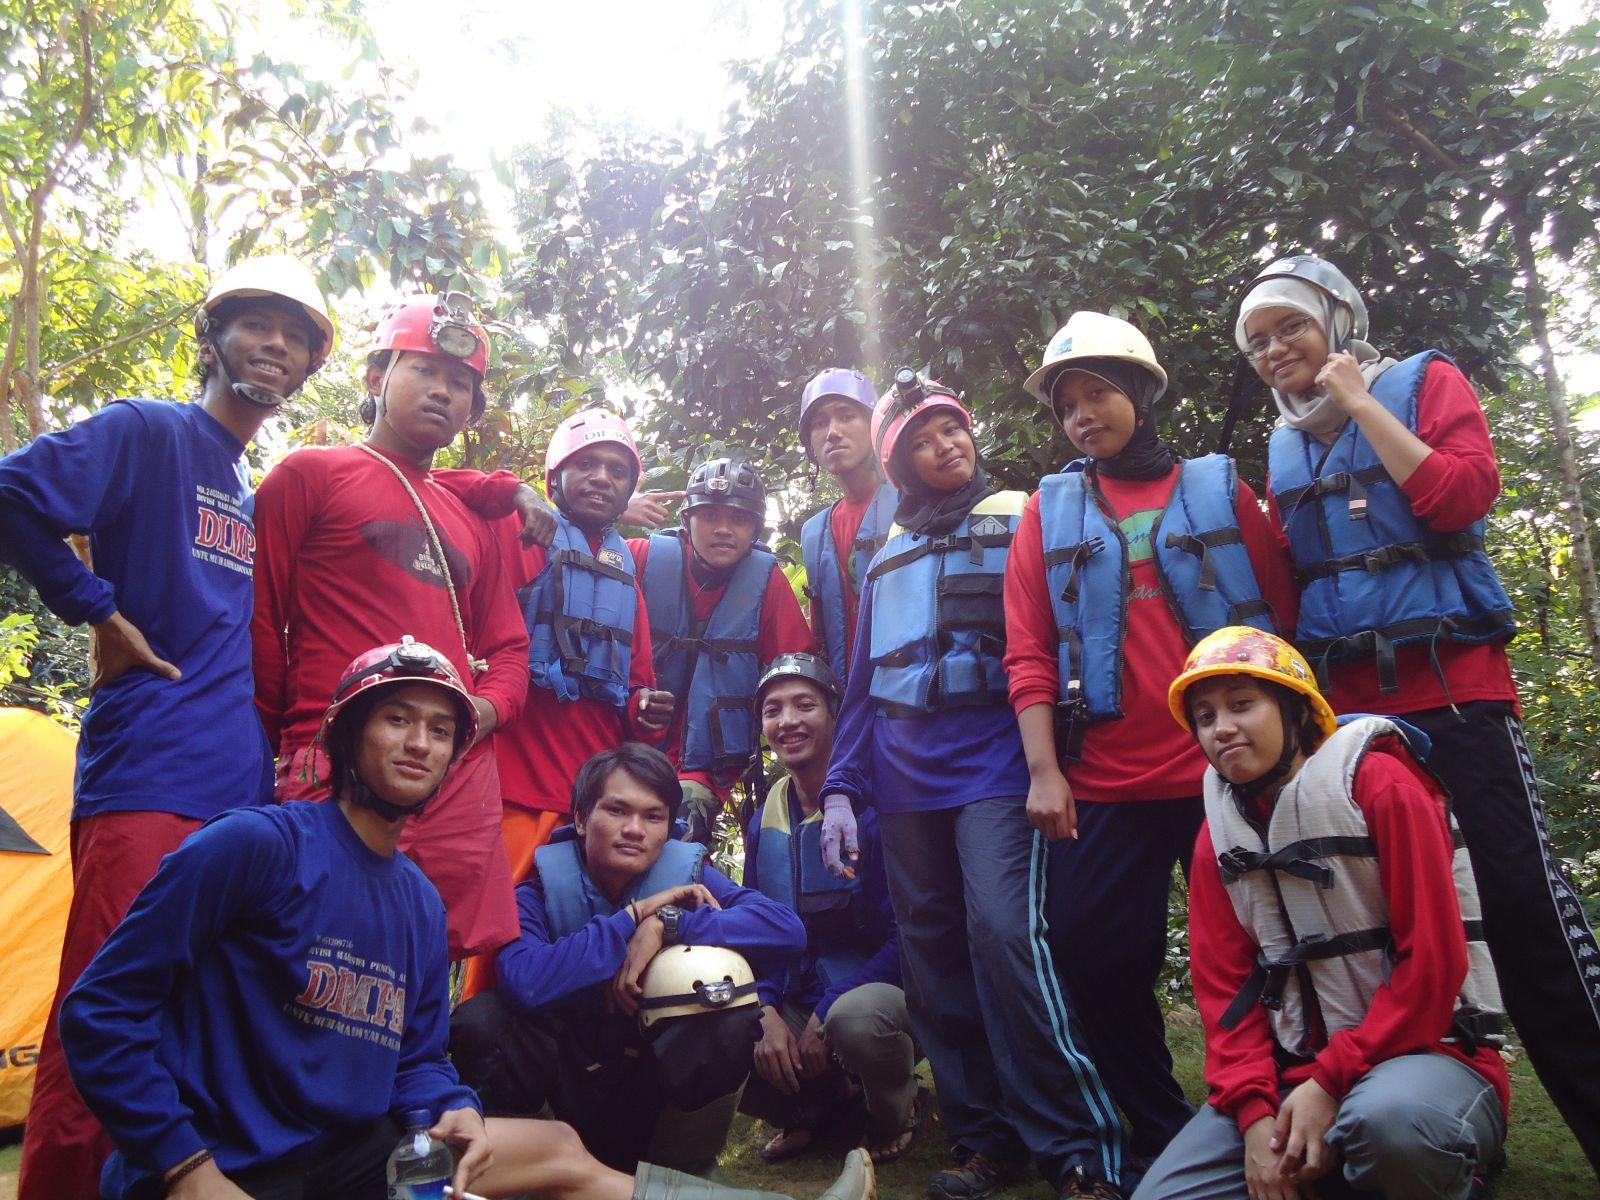 Divisi Mahasiswa Pencinta Alam (DIMPA)  Universitas